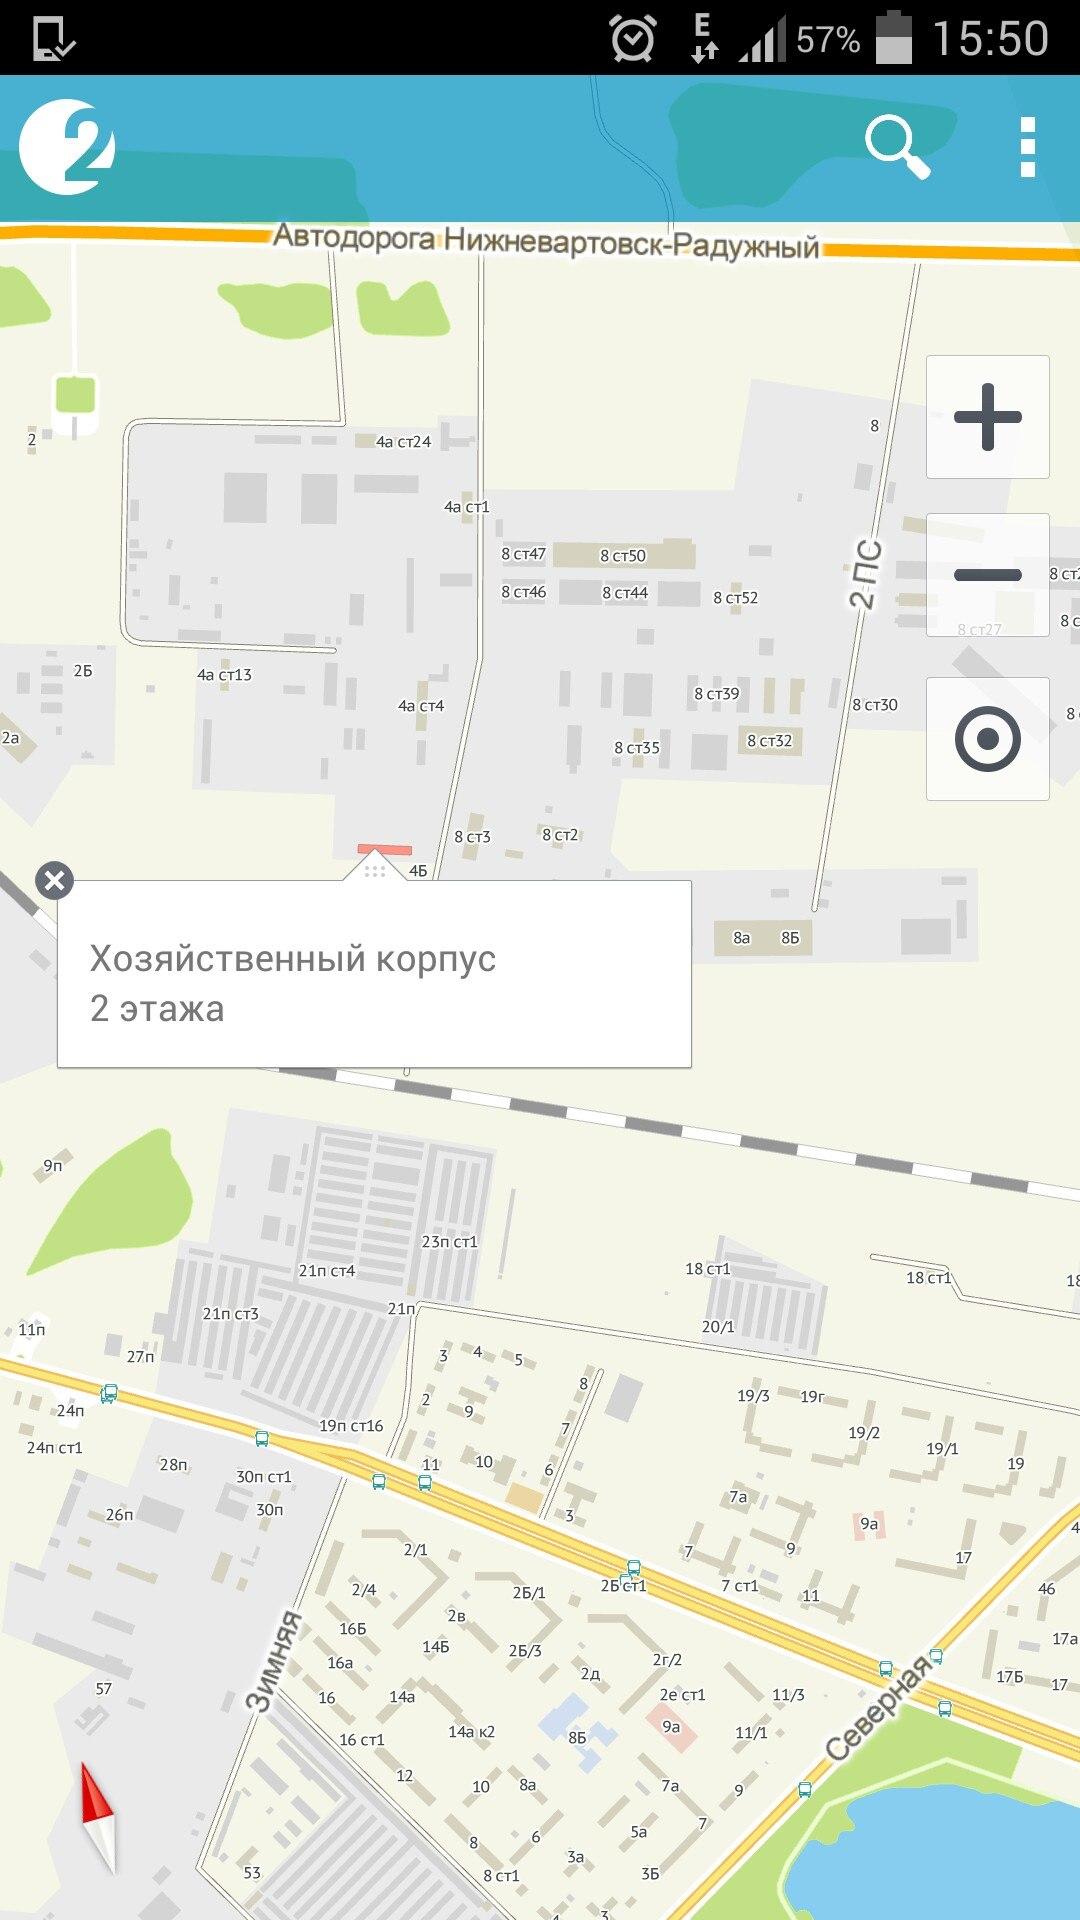 Бурение скважины в промзоне Нижневартовска